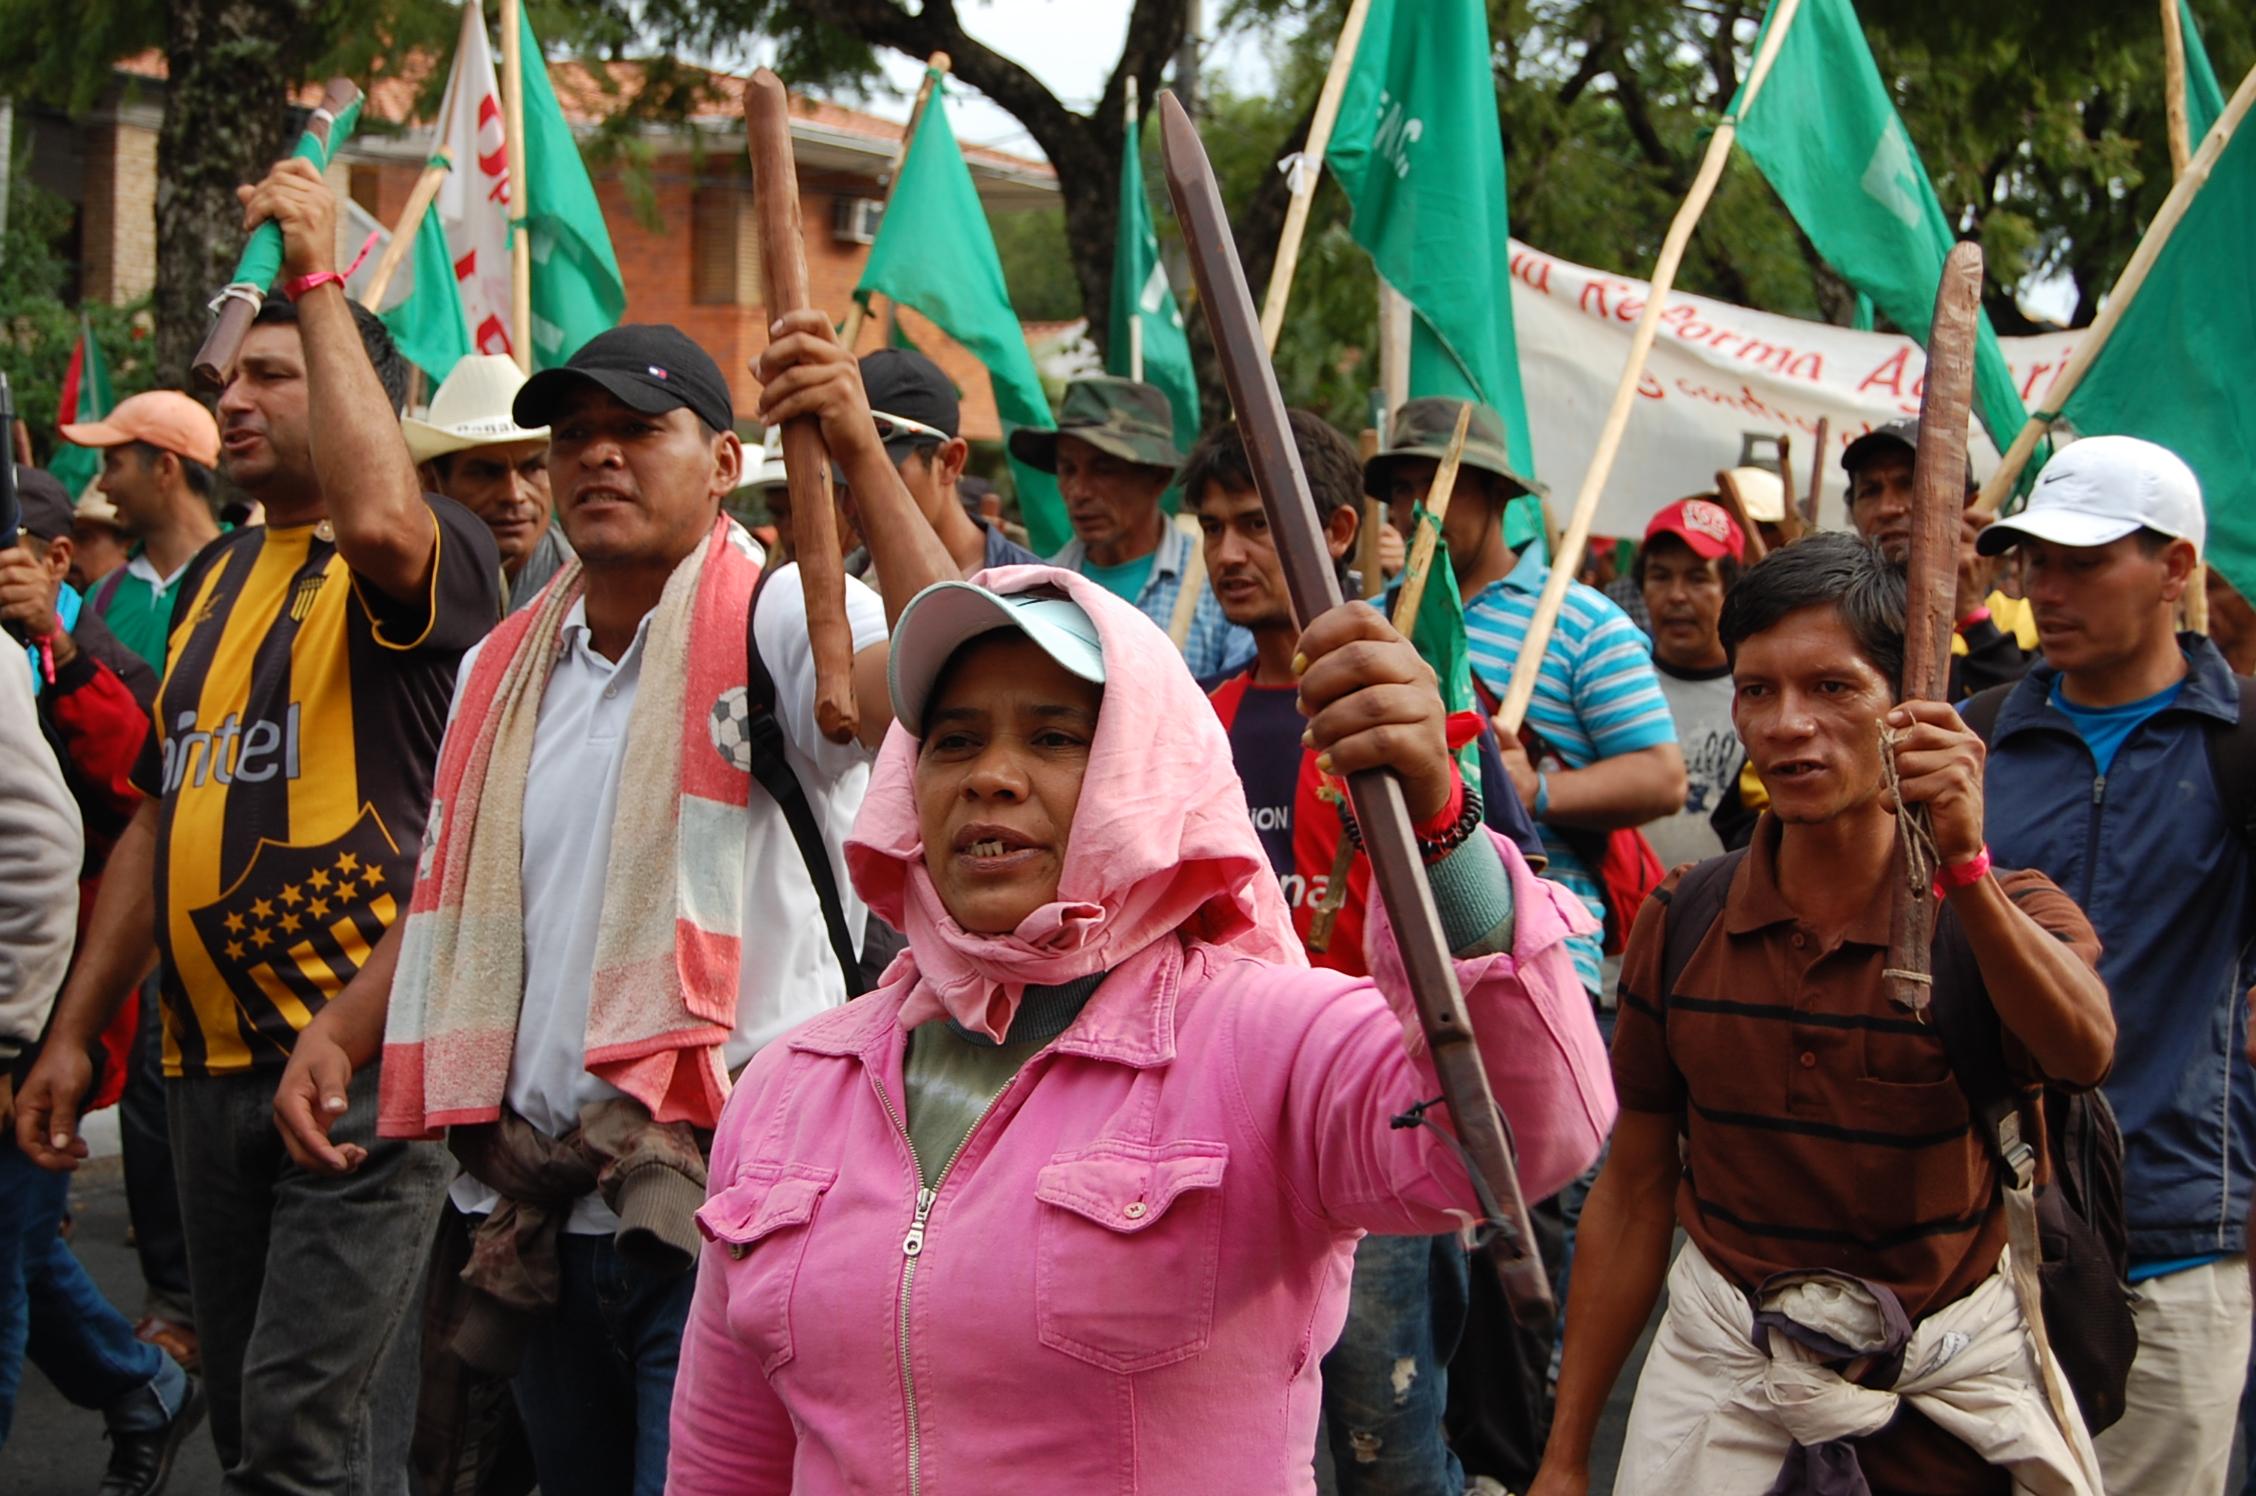 Para muchos analistas políticos la última huelga general marcó la recuperación de la capacidad de convocatoria del movimiento social.